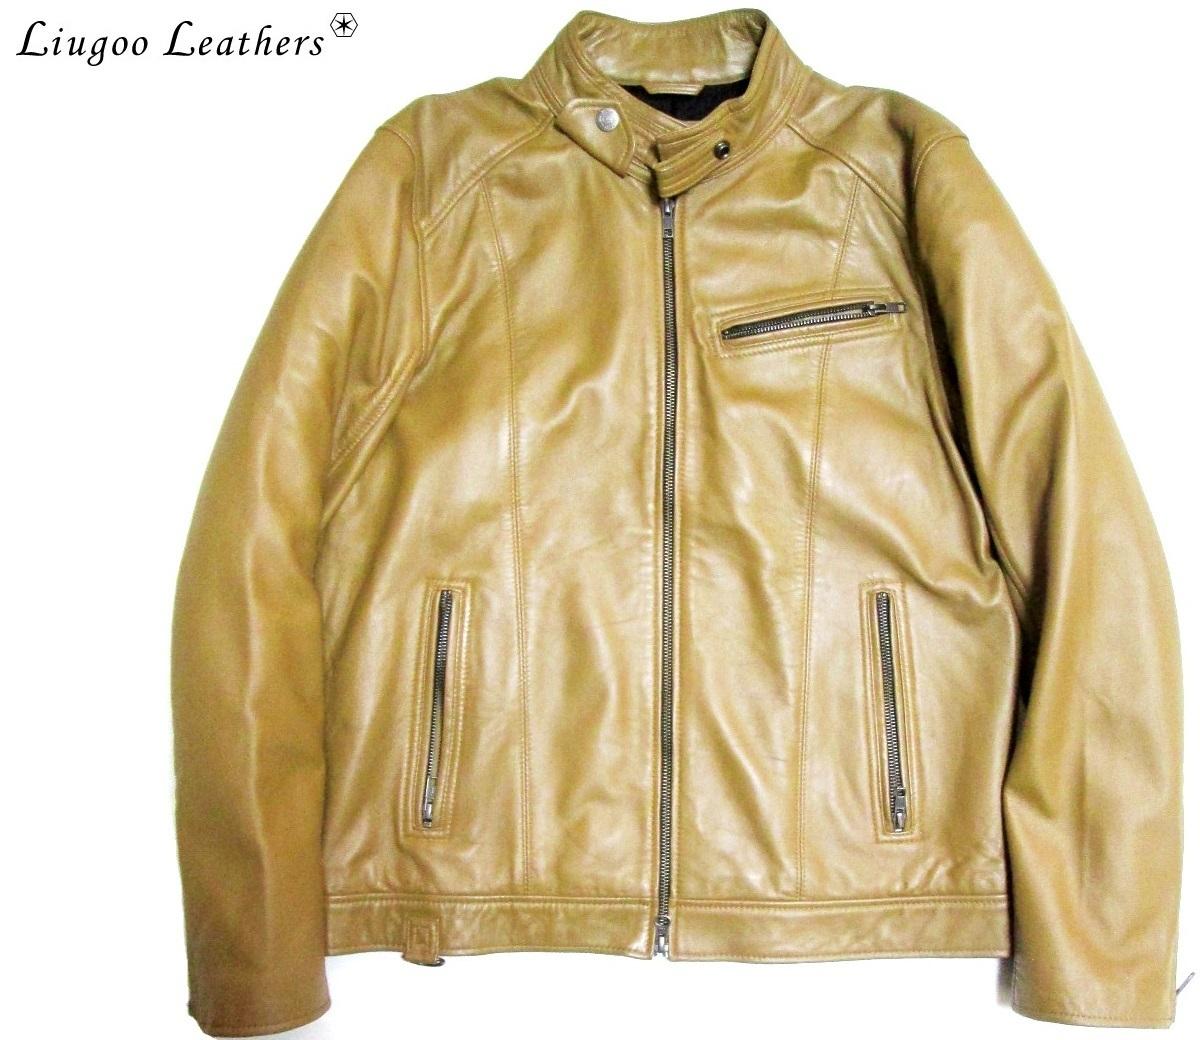 美色 Liugoo Leathers リューグーレザーズ シングルラムレザーライダースジャケット 羊革